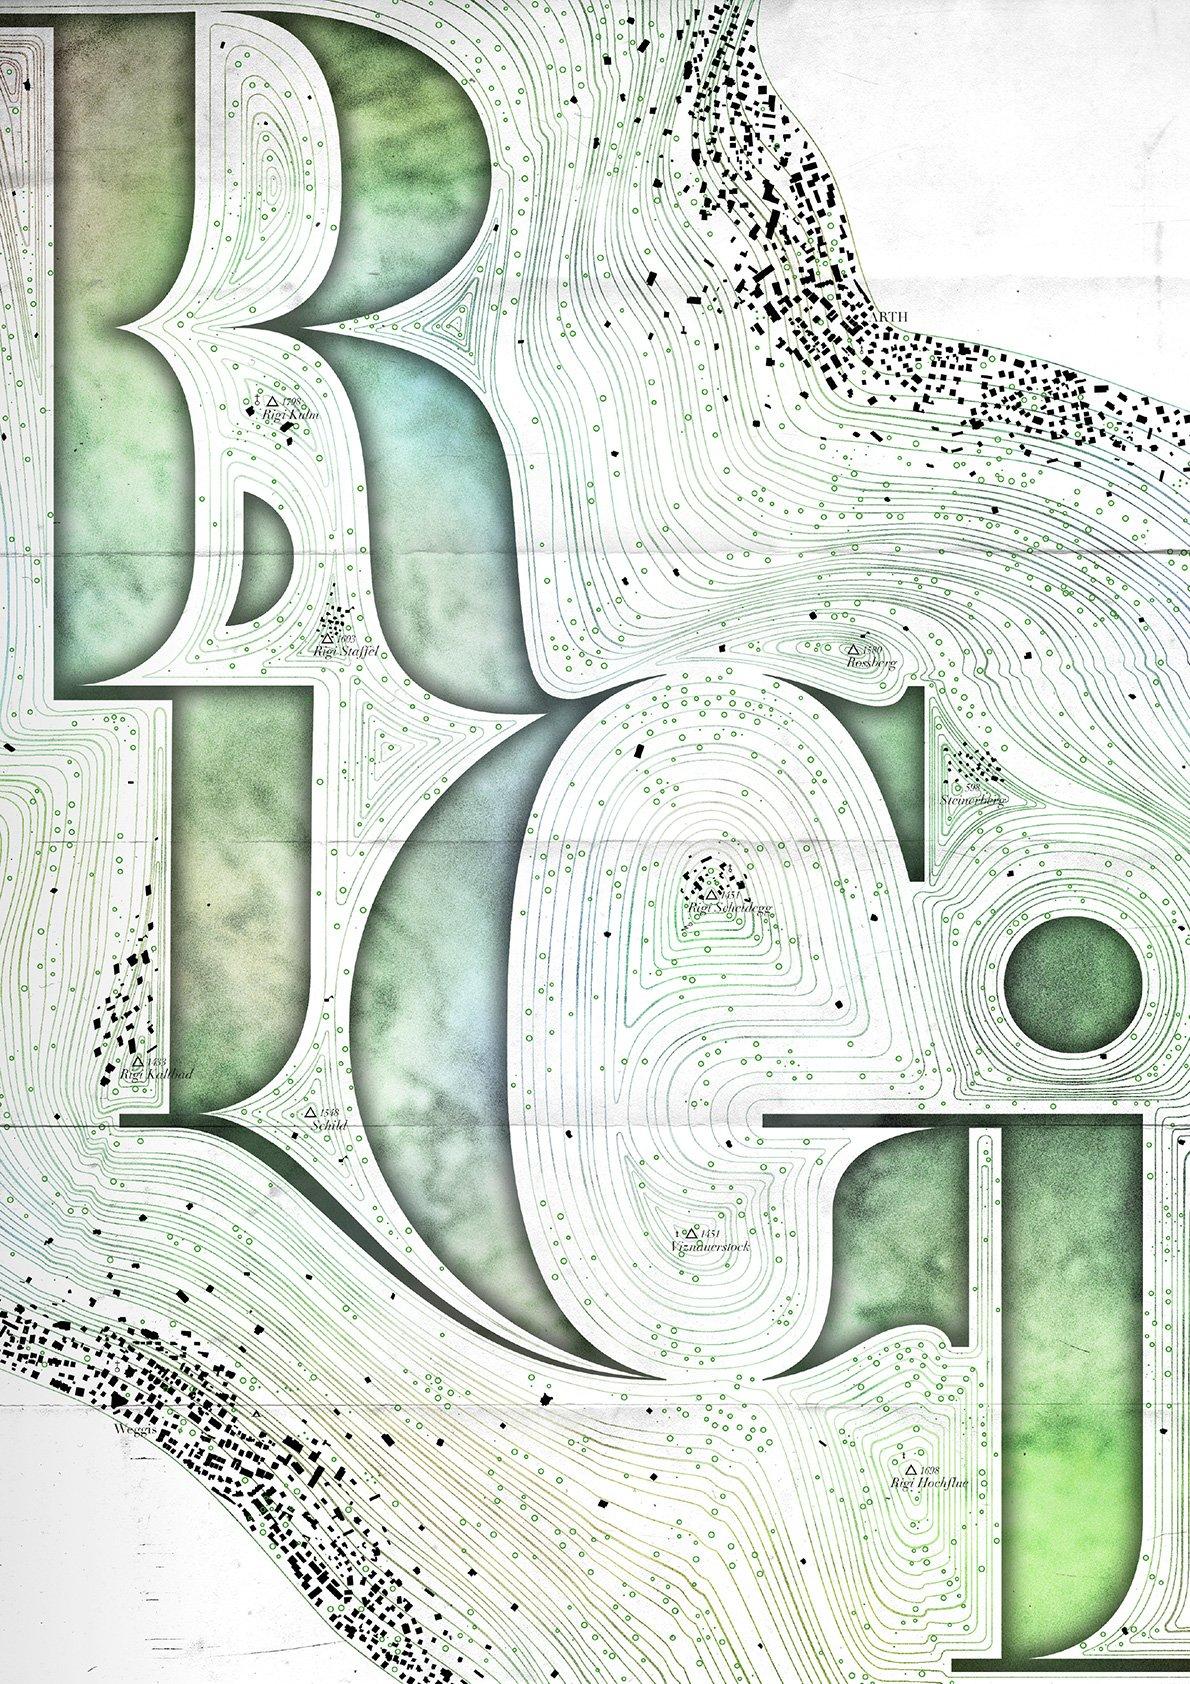 Ein Plakat für die Rigi von Joel Burri, Student Graphic Design, Hochschule Luzern – Design & Kunst.